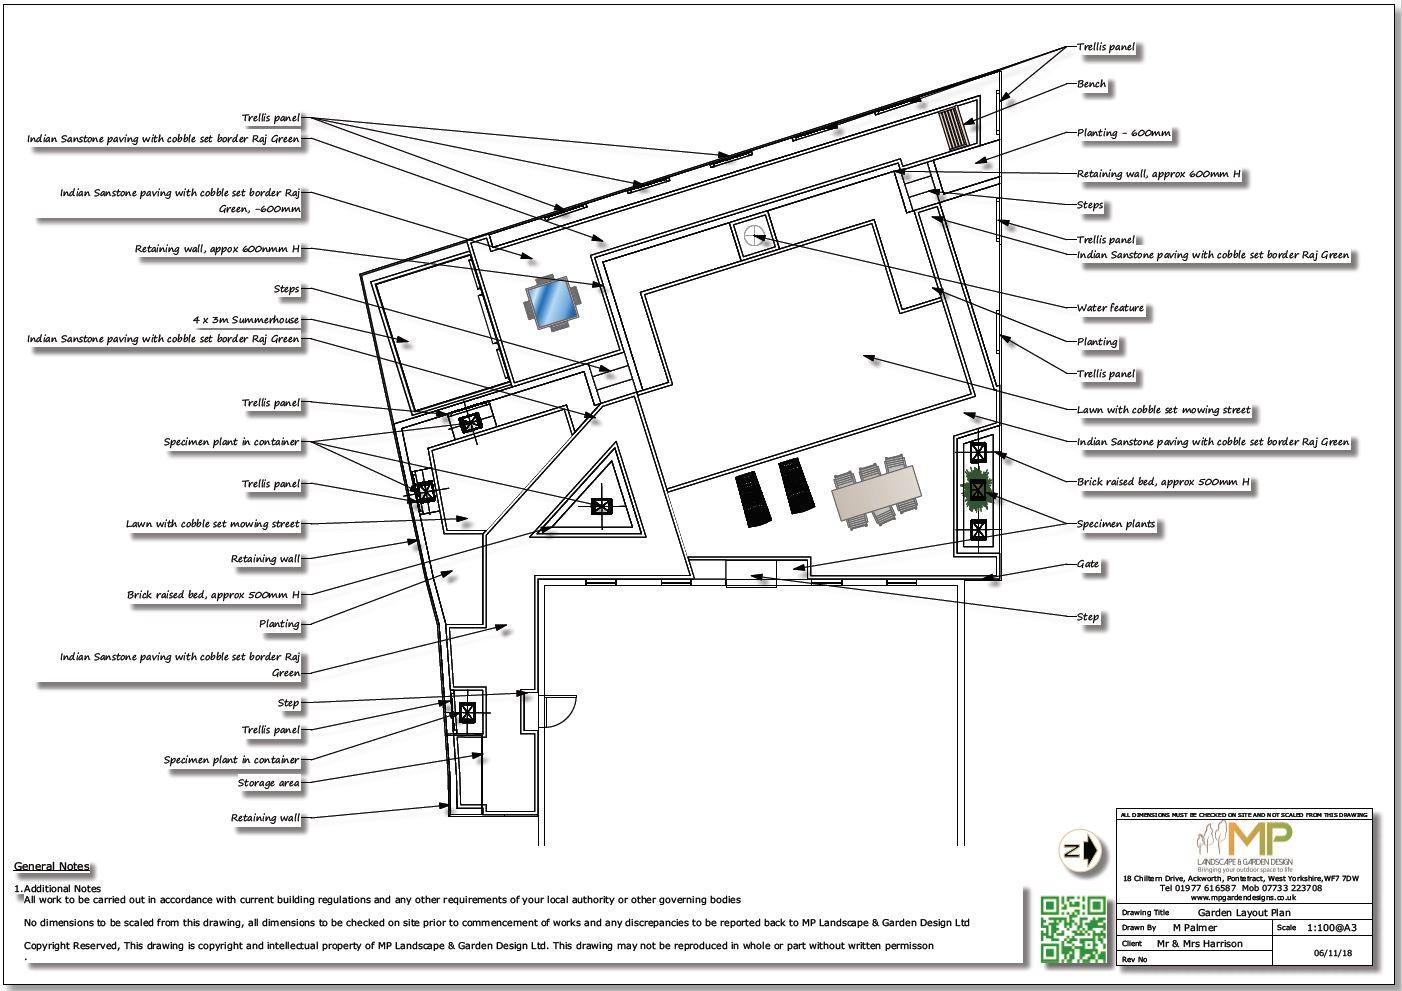 Black & white garden design layout plan for a rear garden in Wistow, North Yorshire.